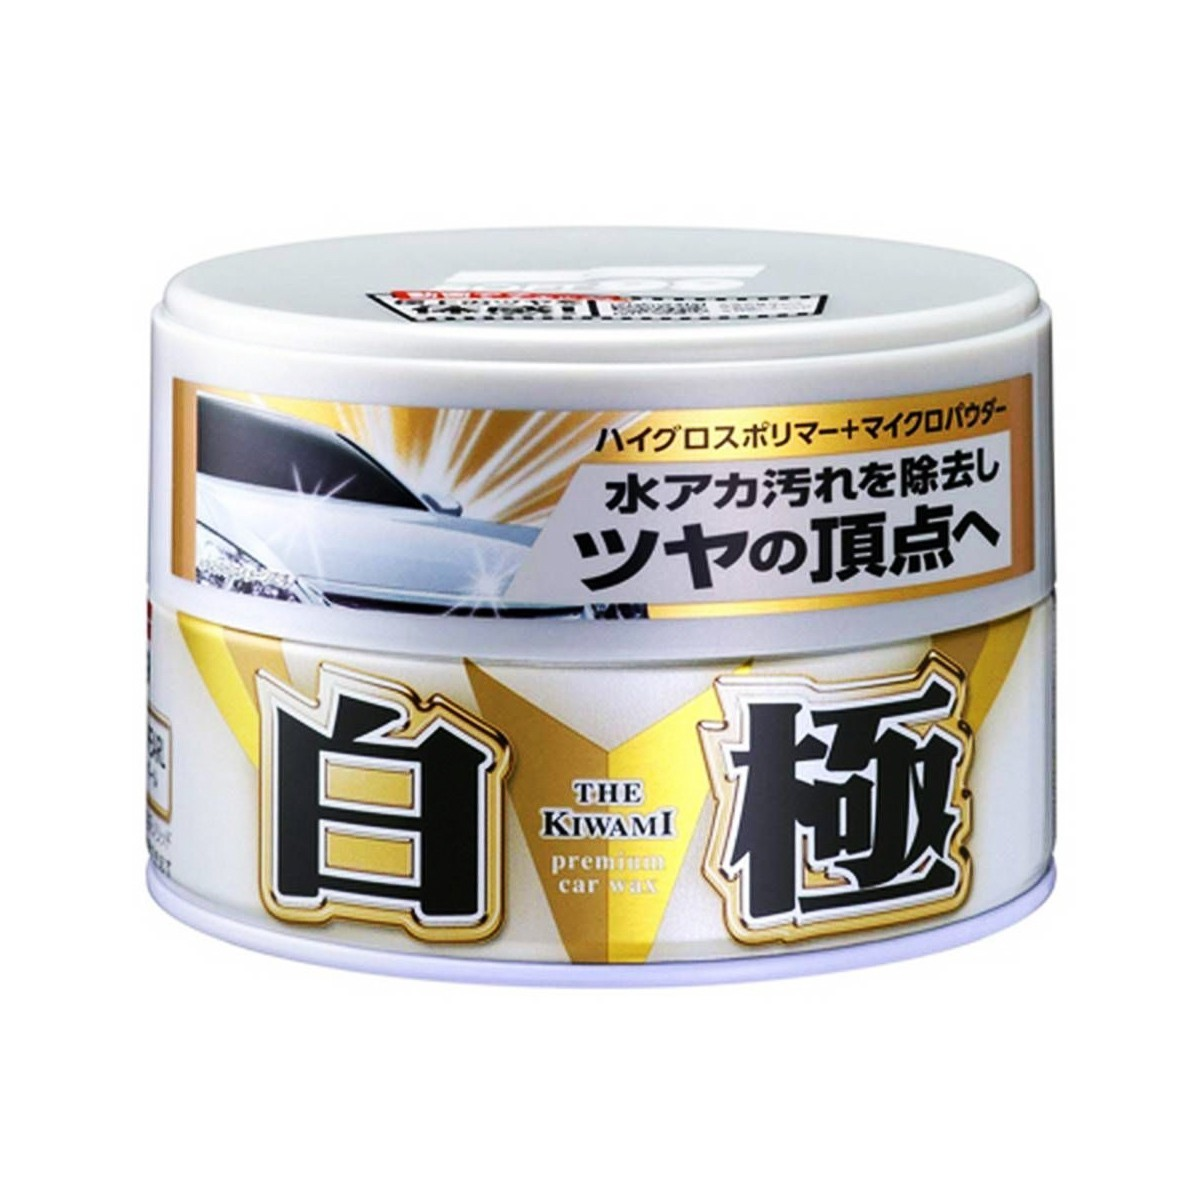 Cera Sintetica Extreme Gloss White 200g Soft99